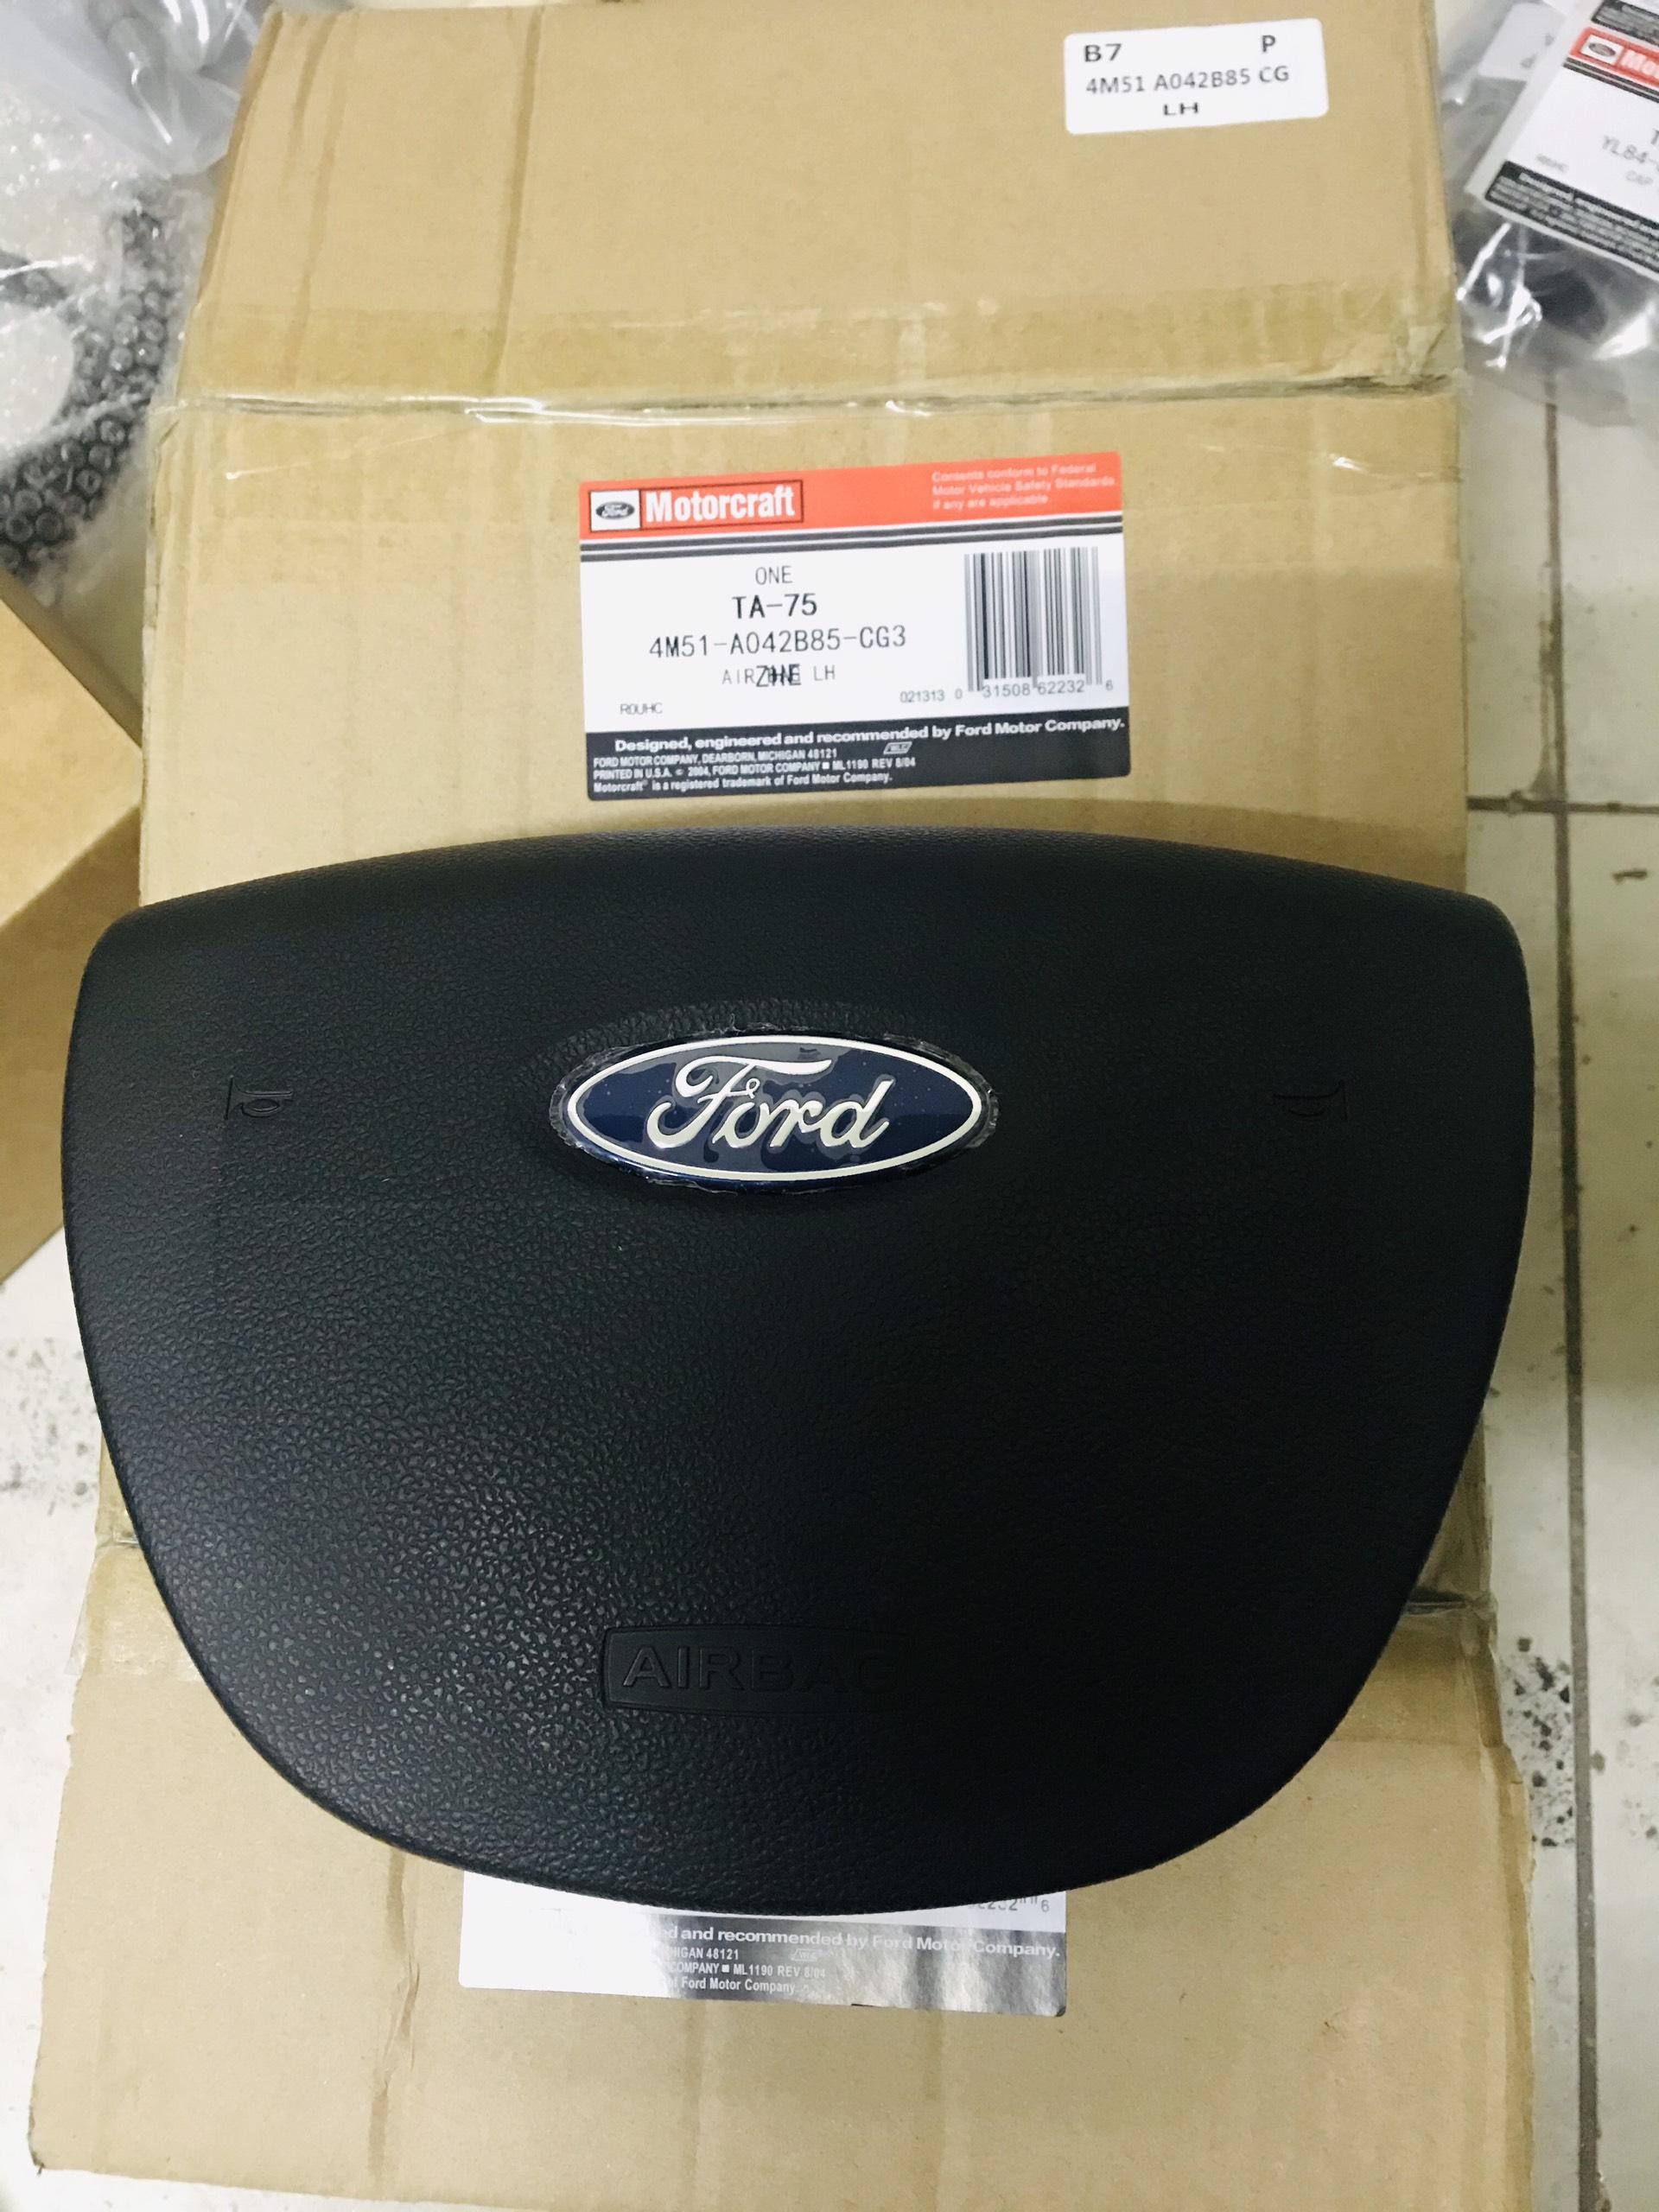 """Phụ tùng Nam Phong cung cấp """" Túi khí vô lăng 4 chấu Focus 08 – 4M51A042B85CG3ZHE  """"  Hàng Mottocraft hay còn gọi là hàng liên doanh , Sử dụng cho các dòng xe Ford Focus từ đời 2004 – 2008 , AIR BAG"""